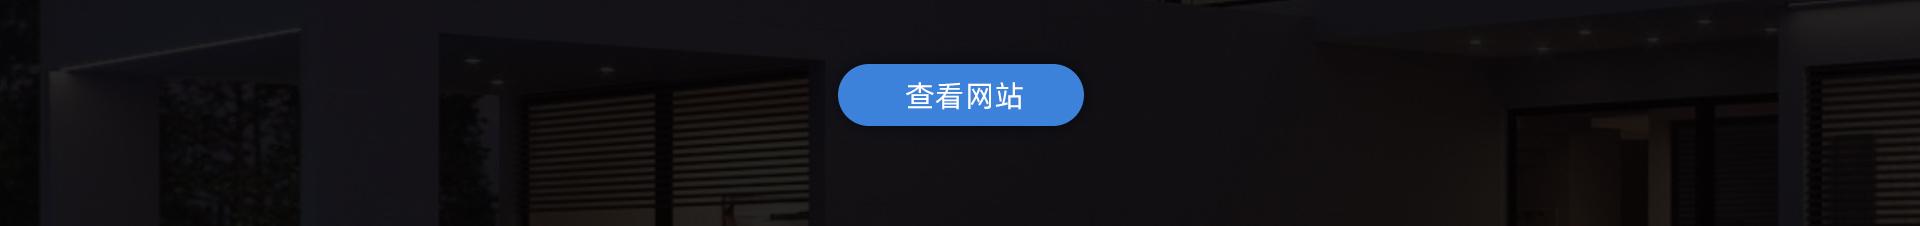 范帅于-范帅宇-许钦松艺术基金会_02